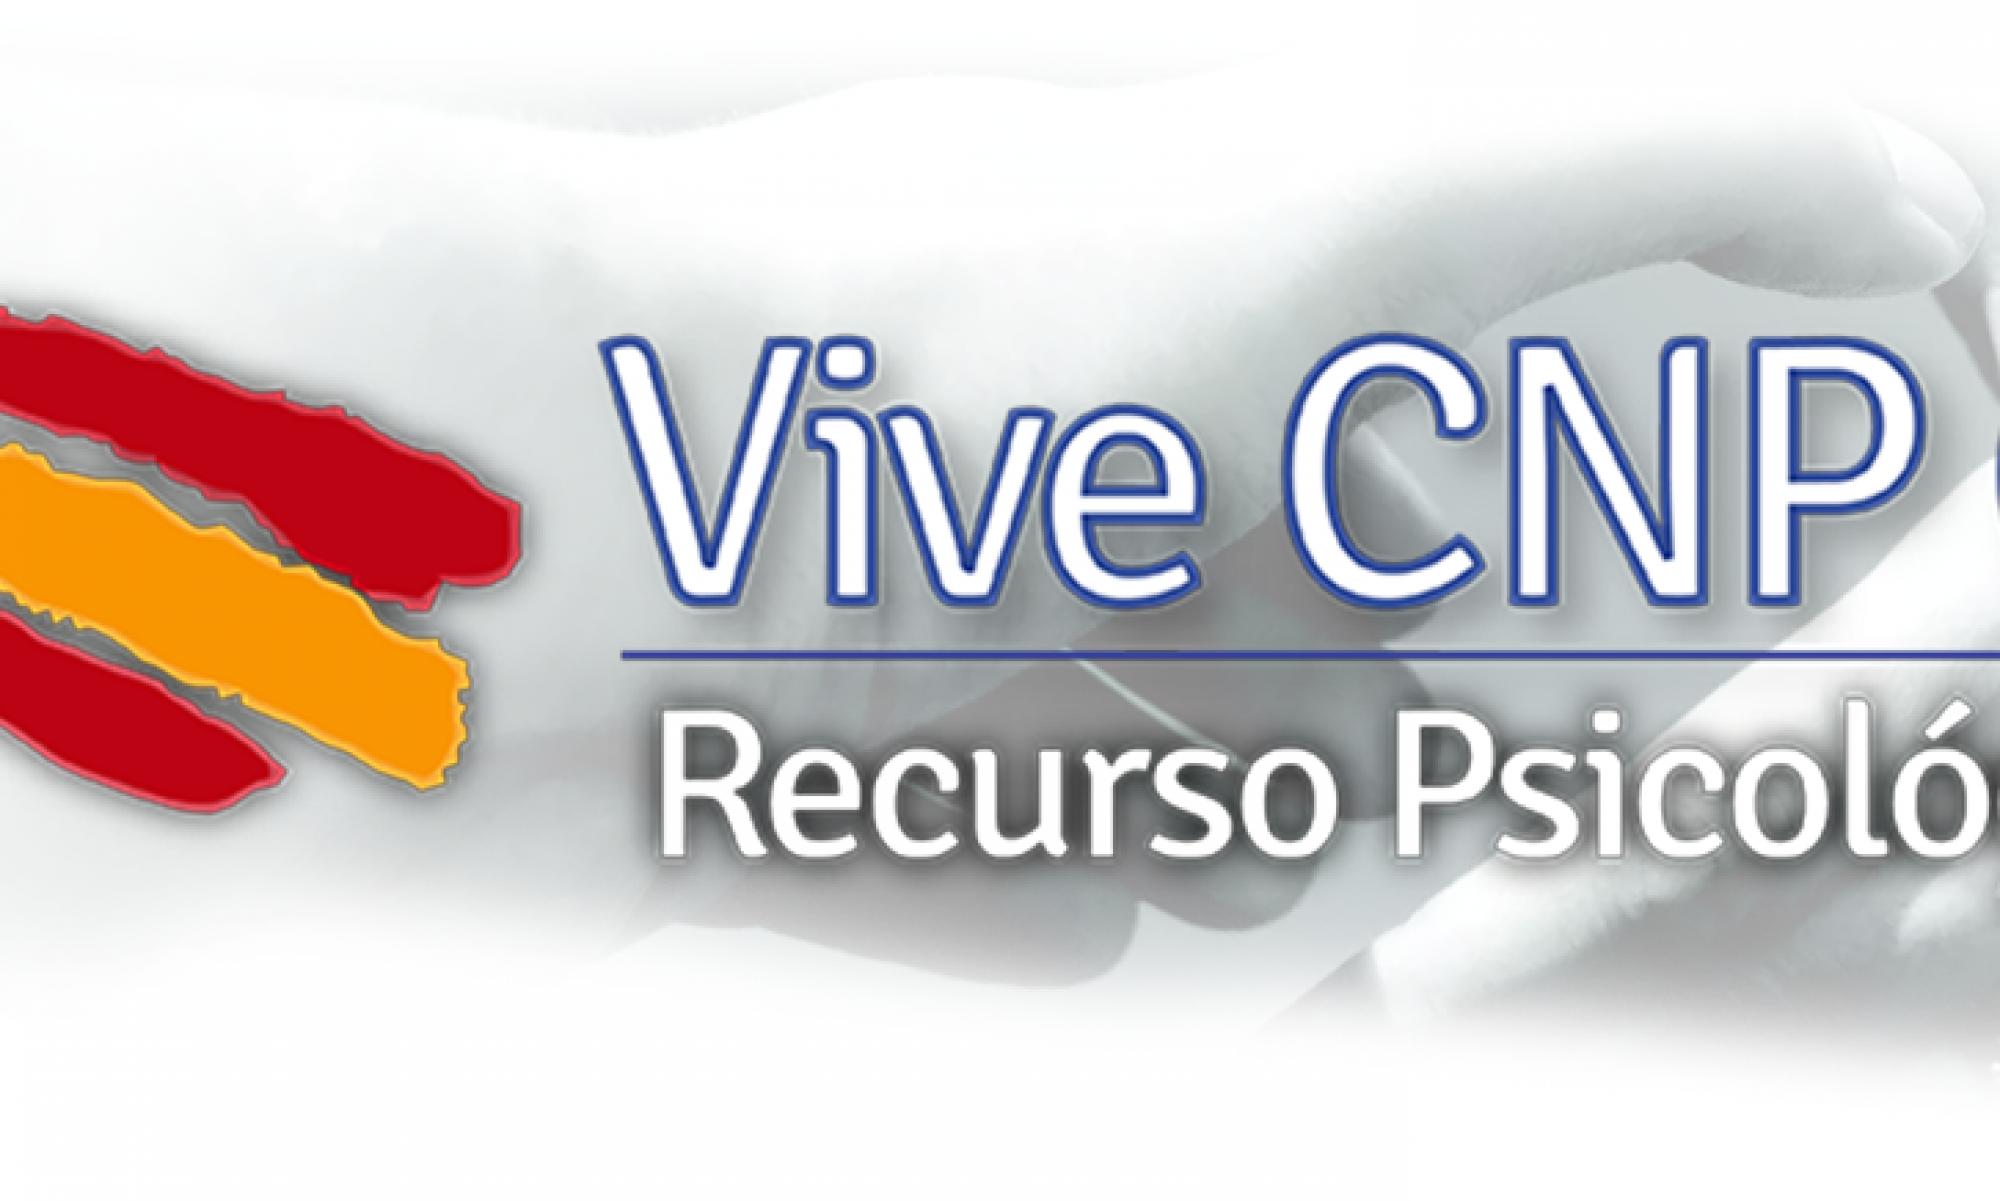 Recurso Psicológico ViveCNP Canarias